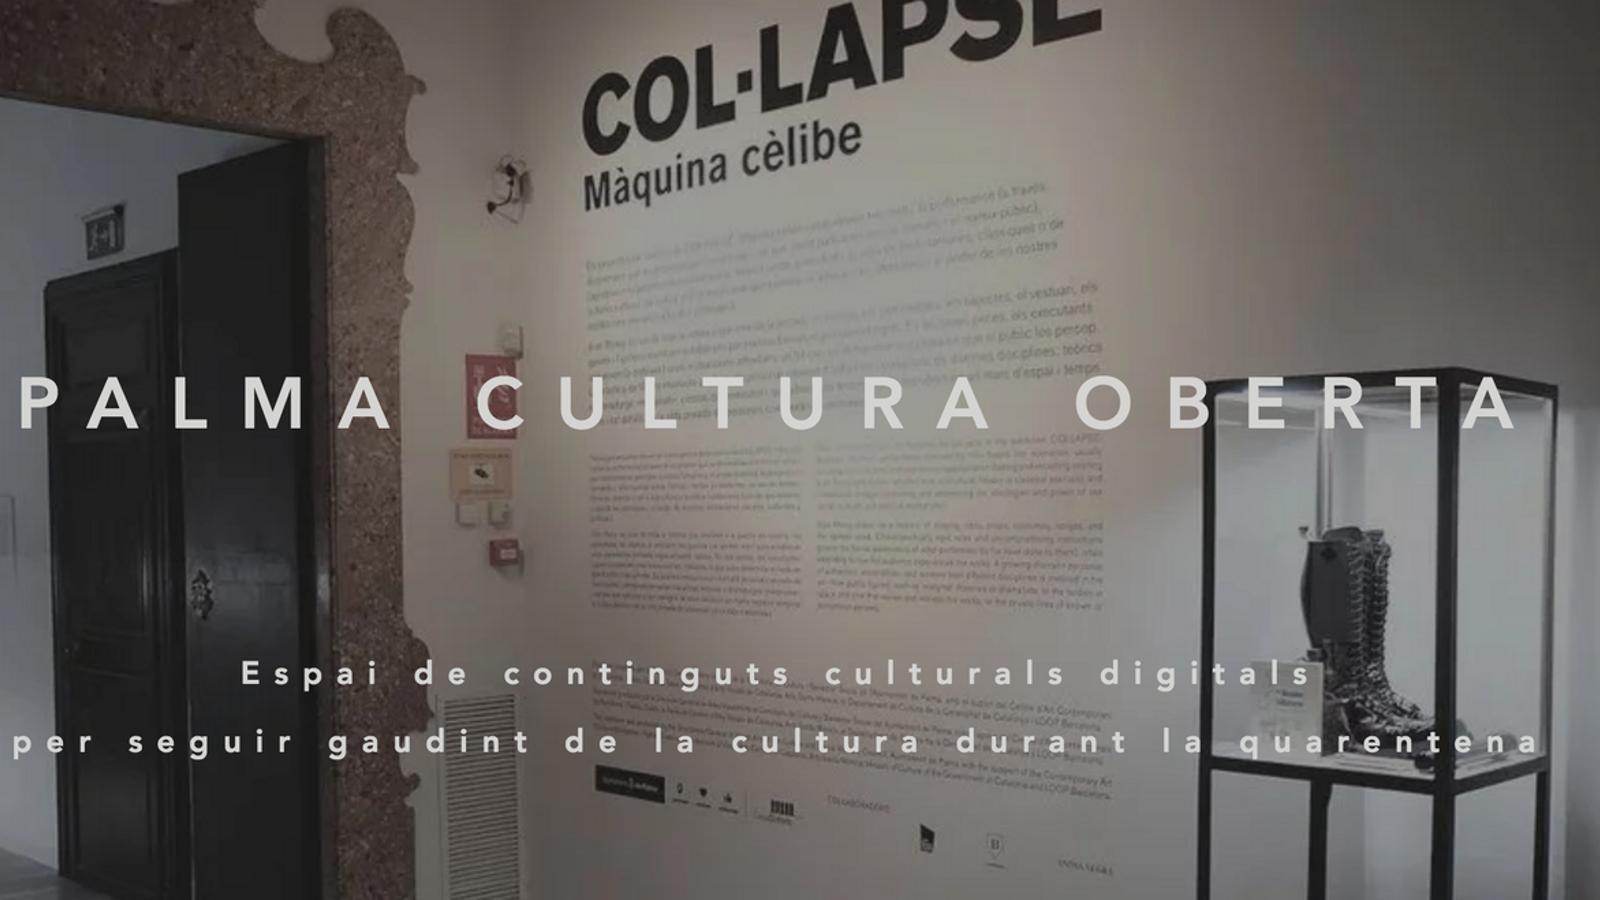 Imatge principal de la web Palma Cultura Oberta